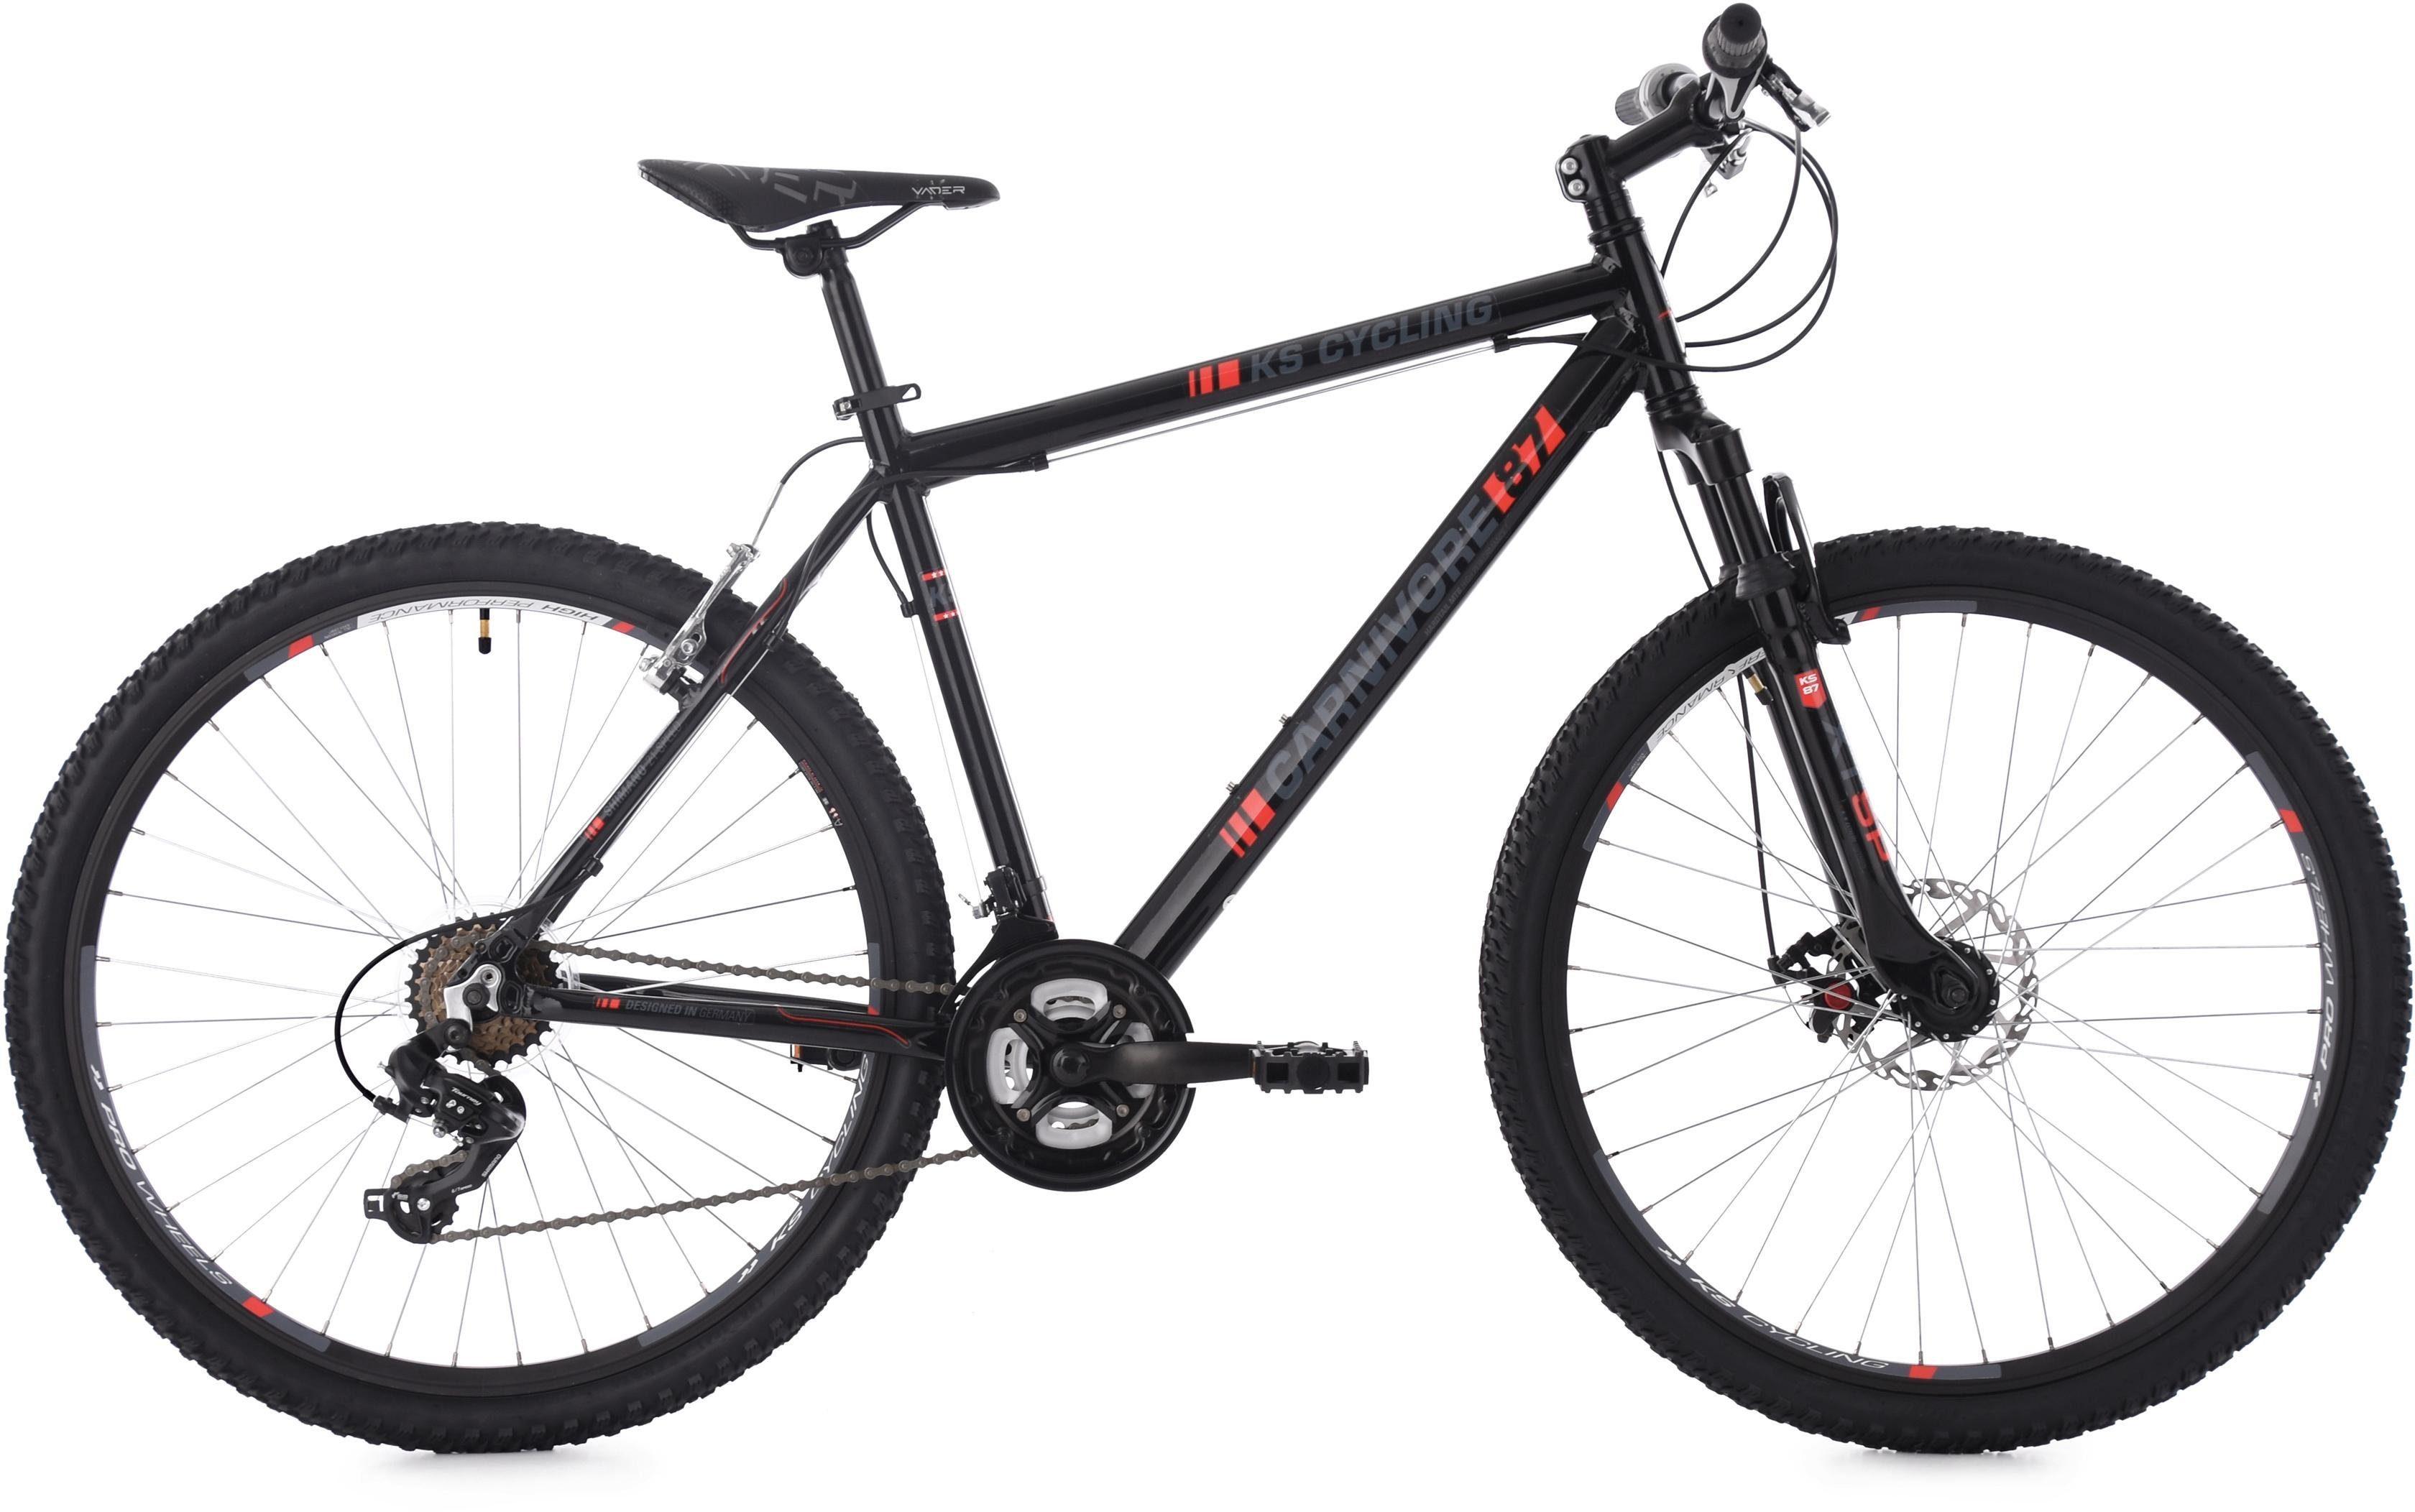 KS Cycling Mountainbike »Carnivore«, 21 Gang Shimano Tourney Schaltwerk, Kettenschaltung